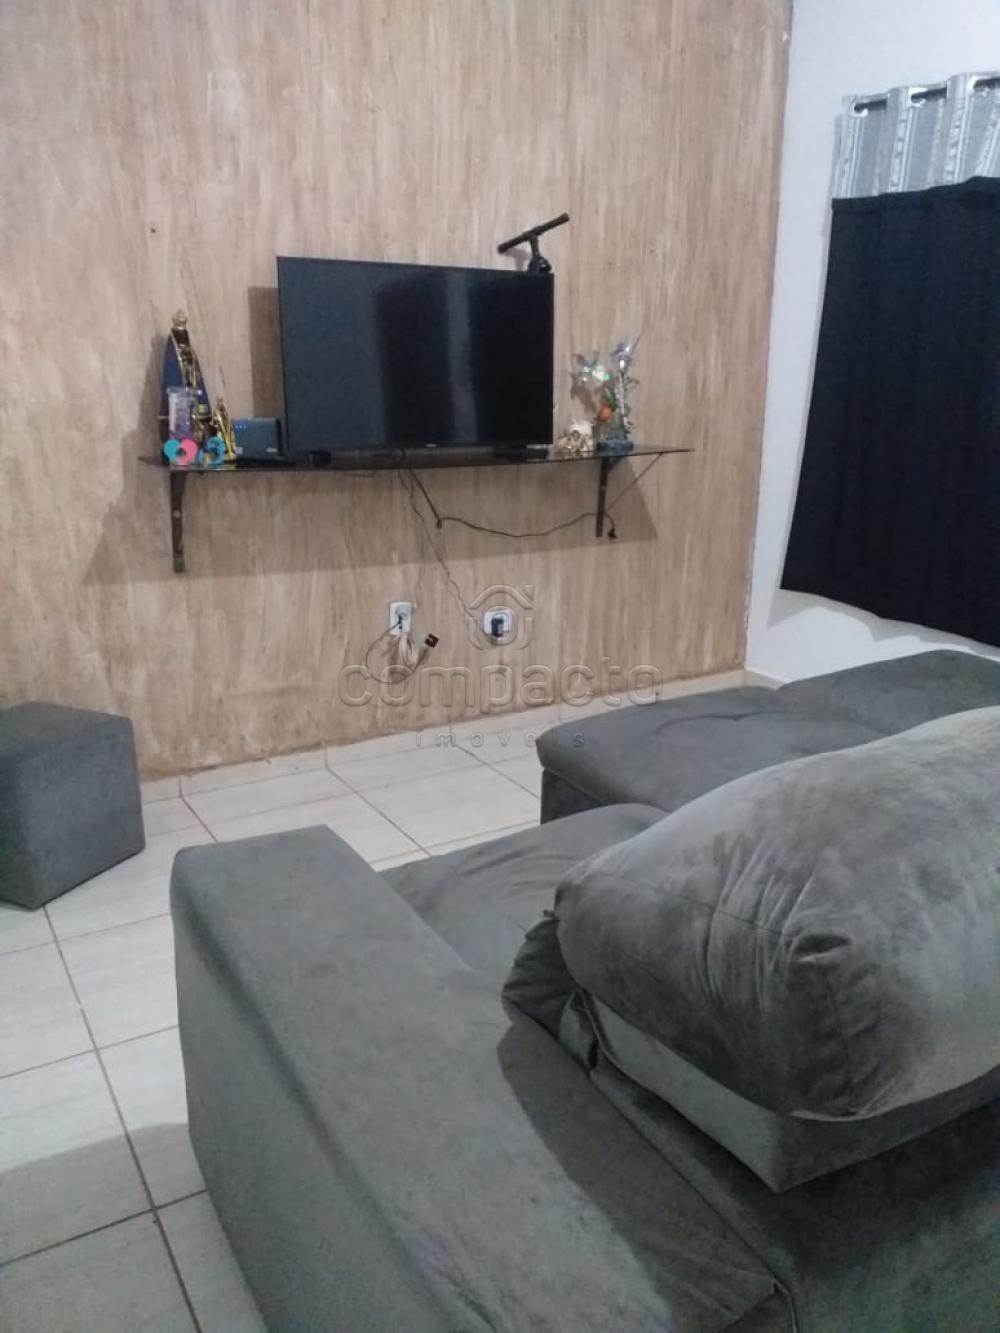 Comprar Casa / Padrão em São José do Rio Preto apenas R$ 185.000,00 - Foto 5